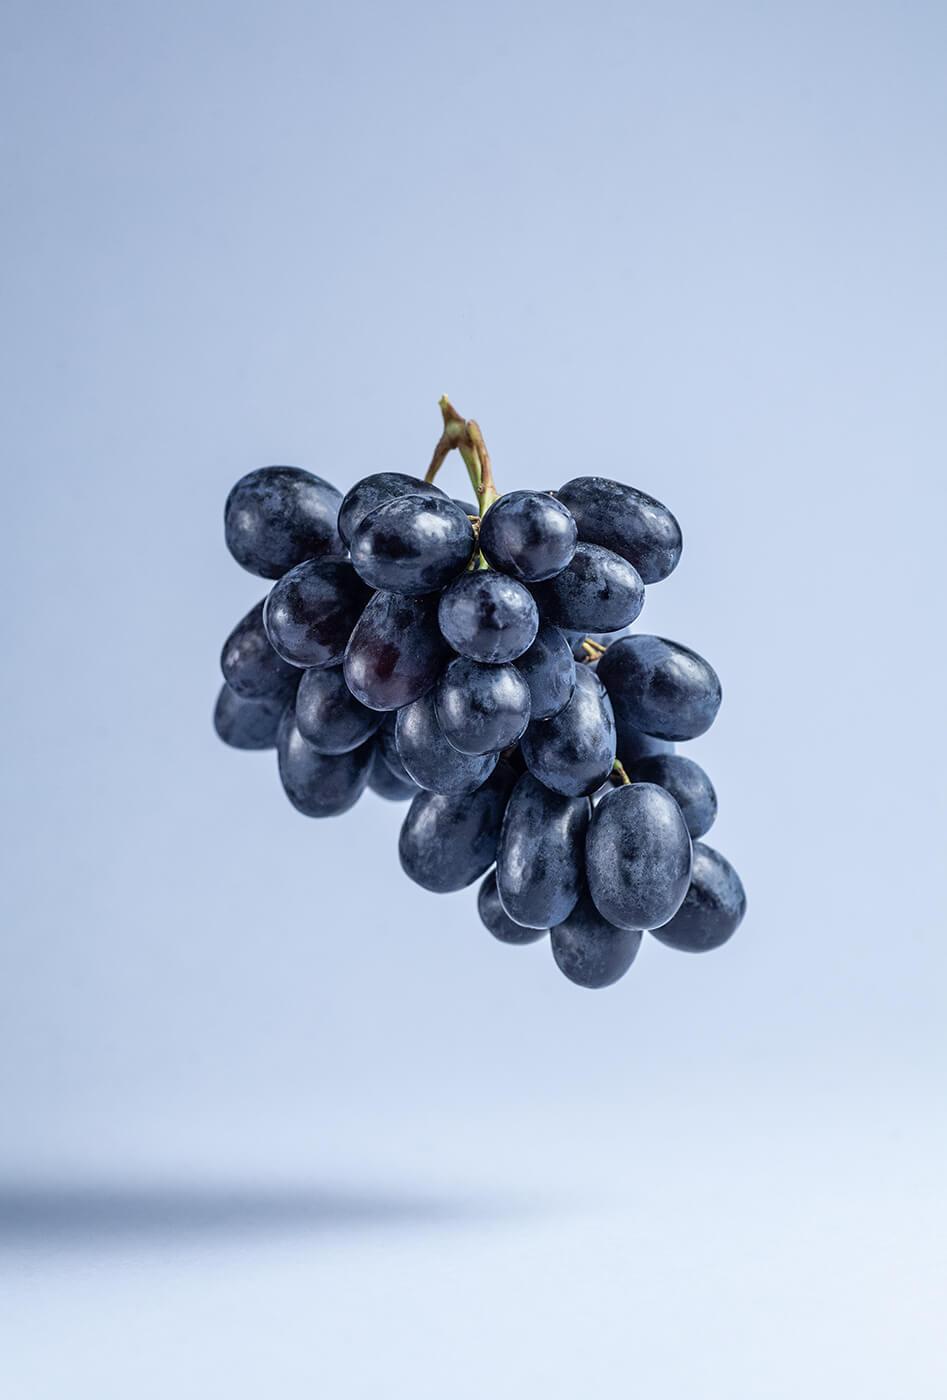 Kiść ciemnych winogron.